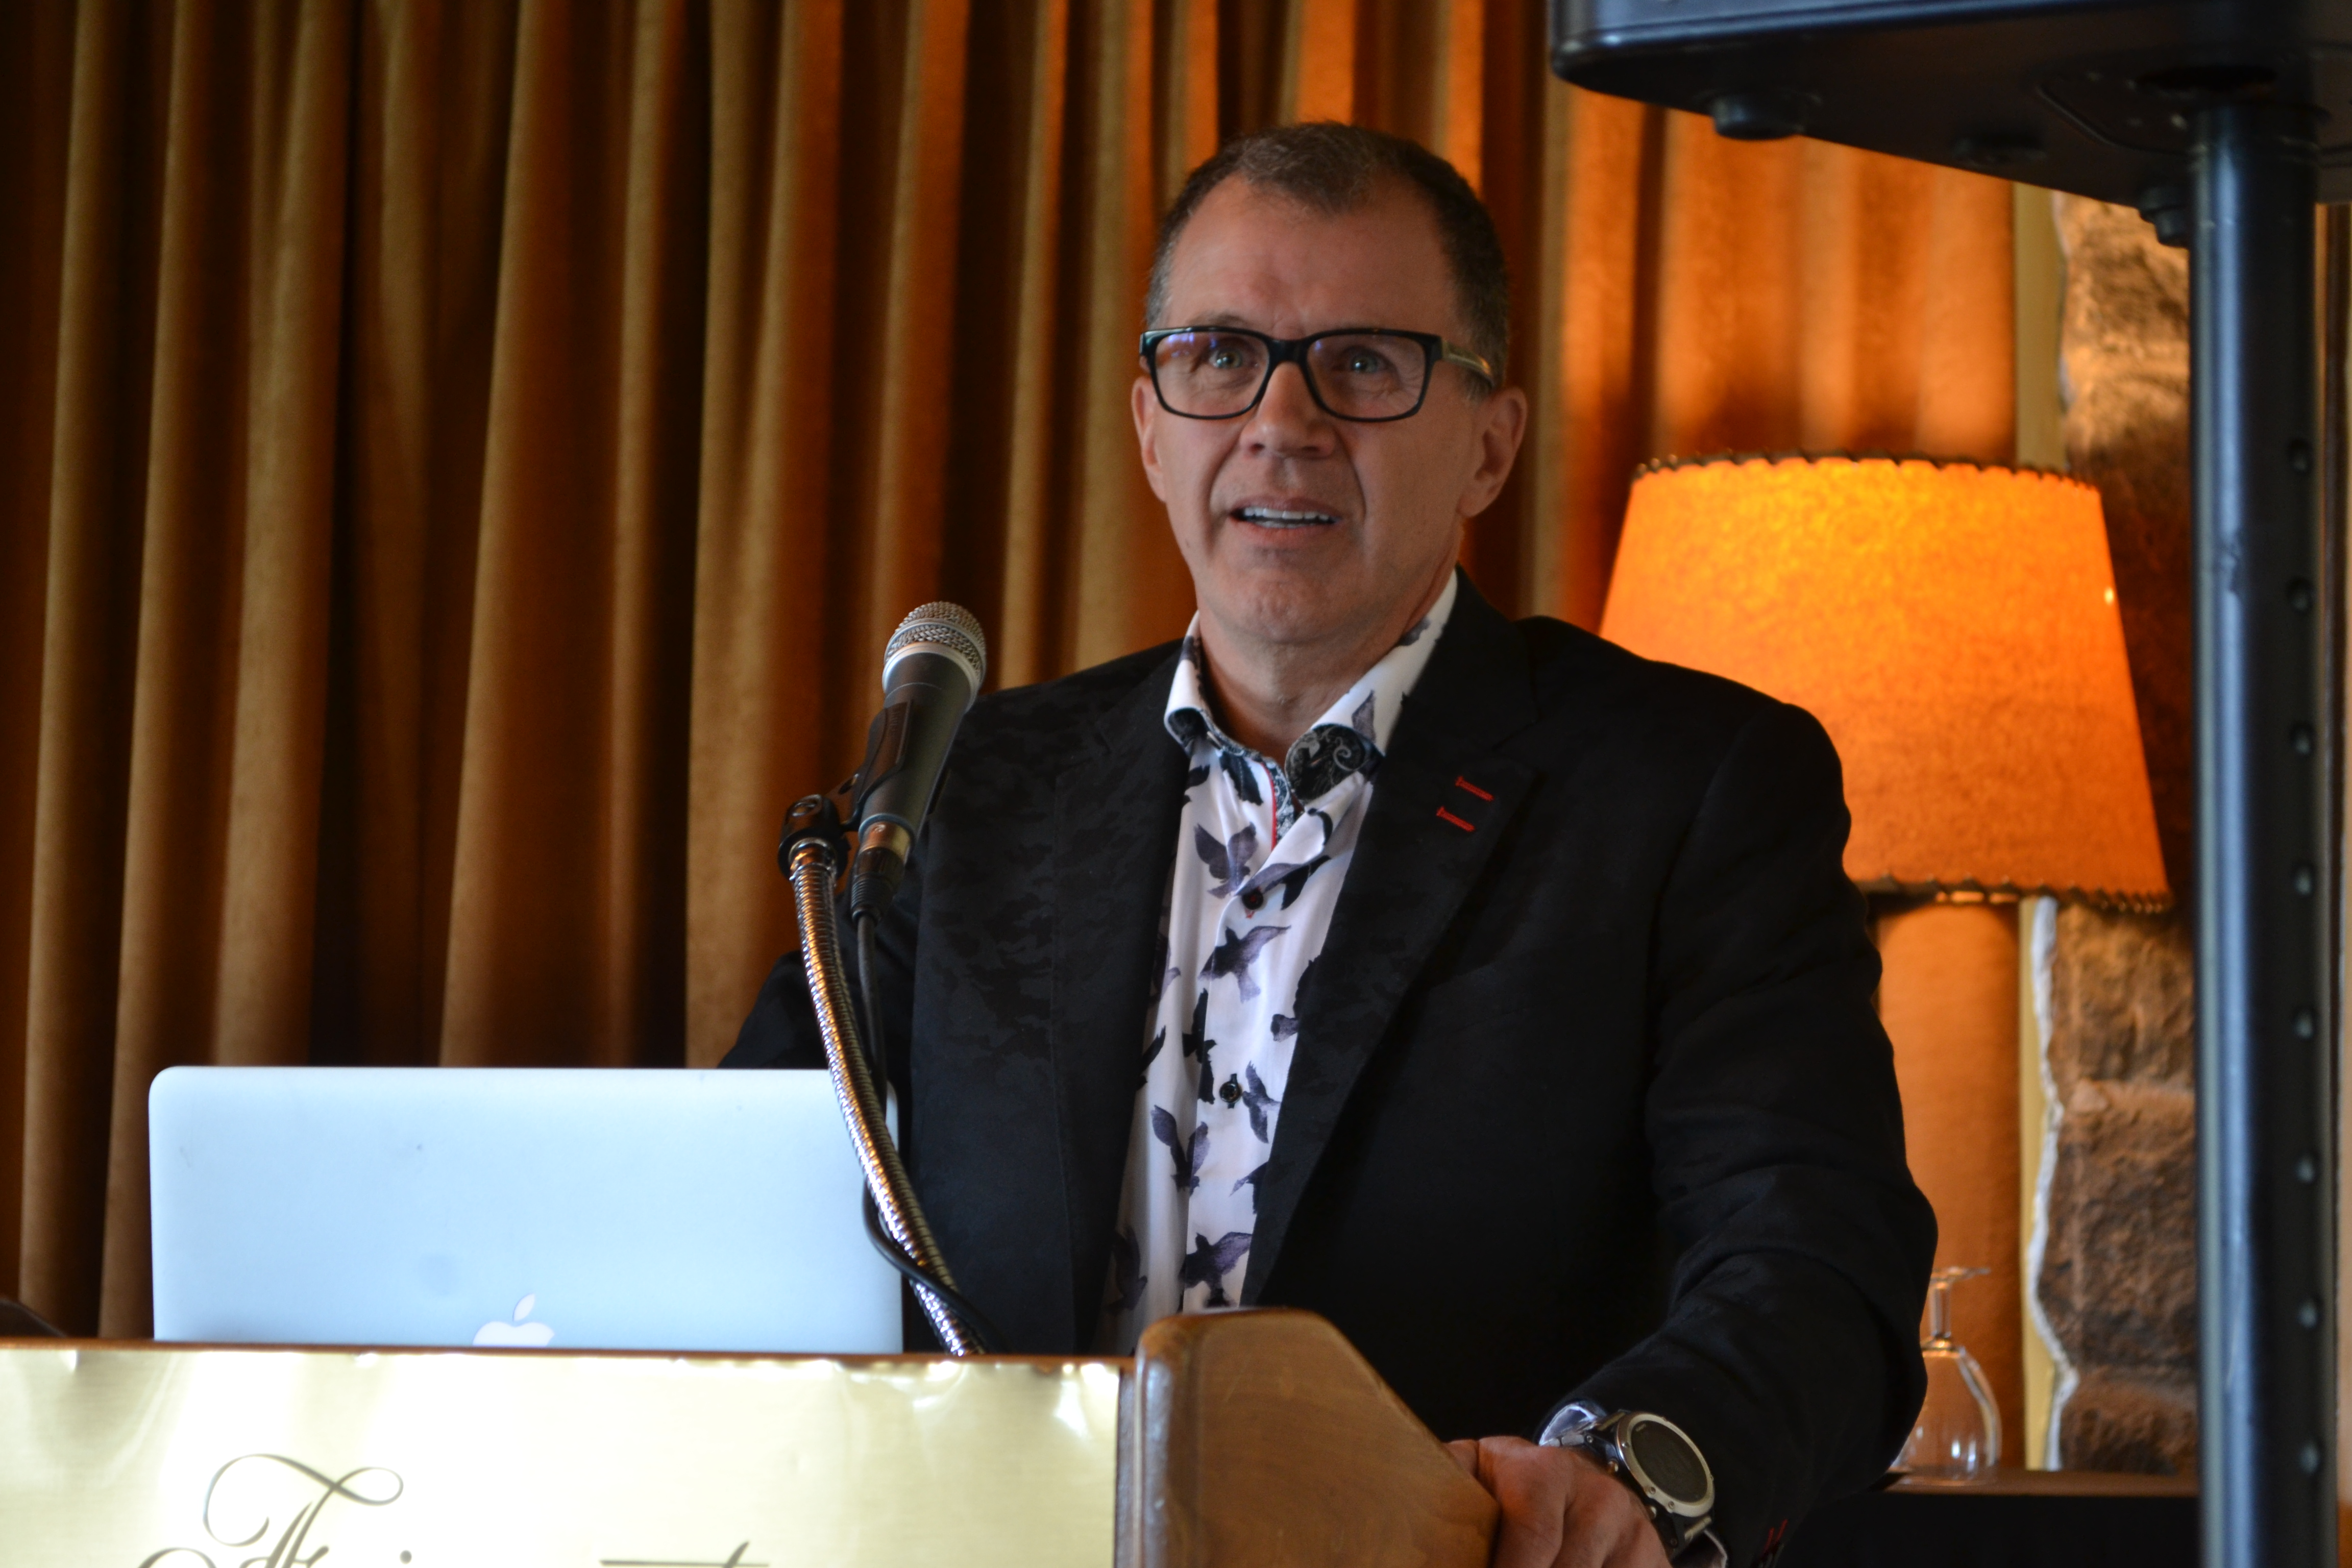 Martin Deschenes